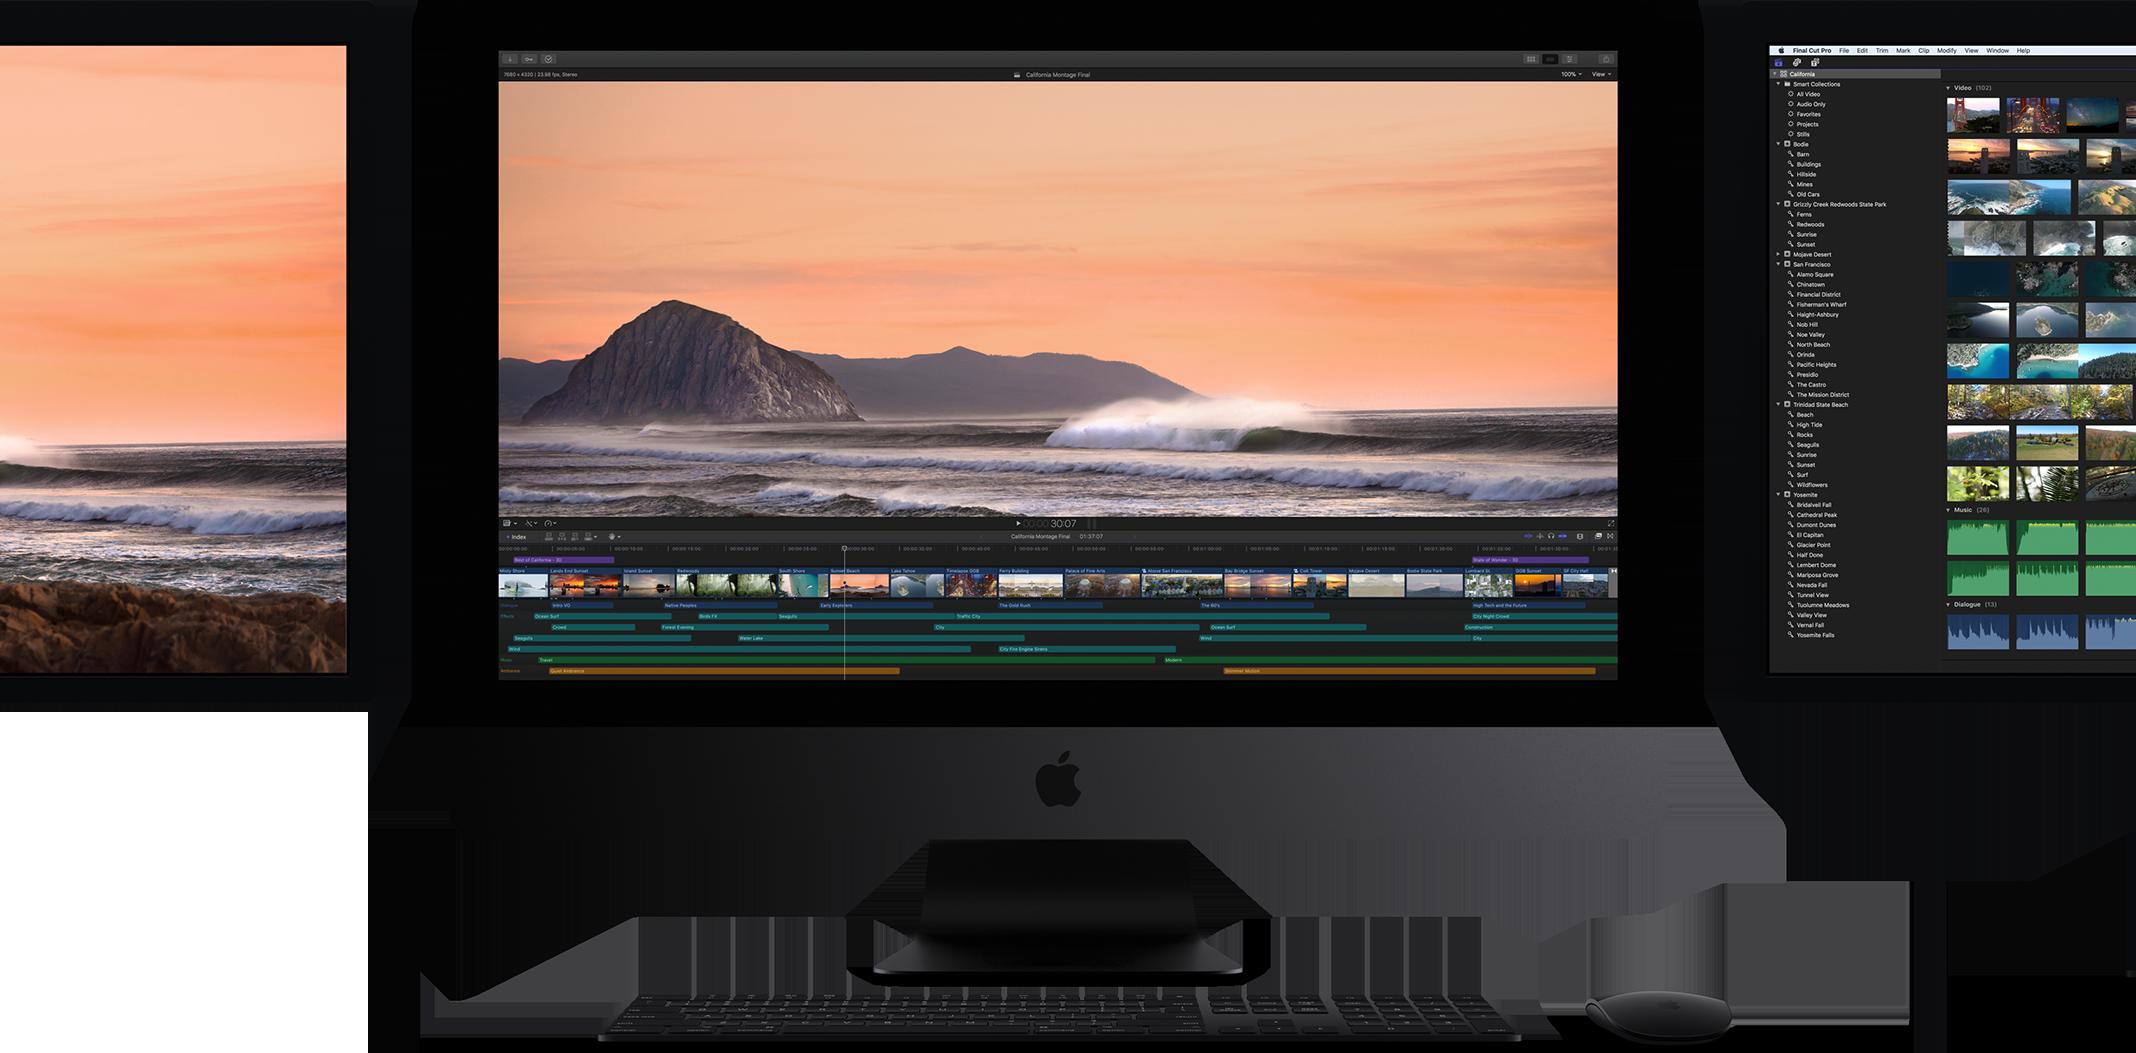 iMac Pro macstore mac